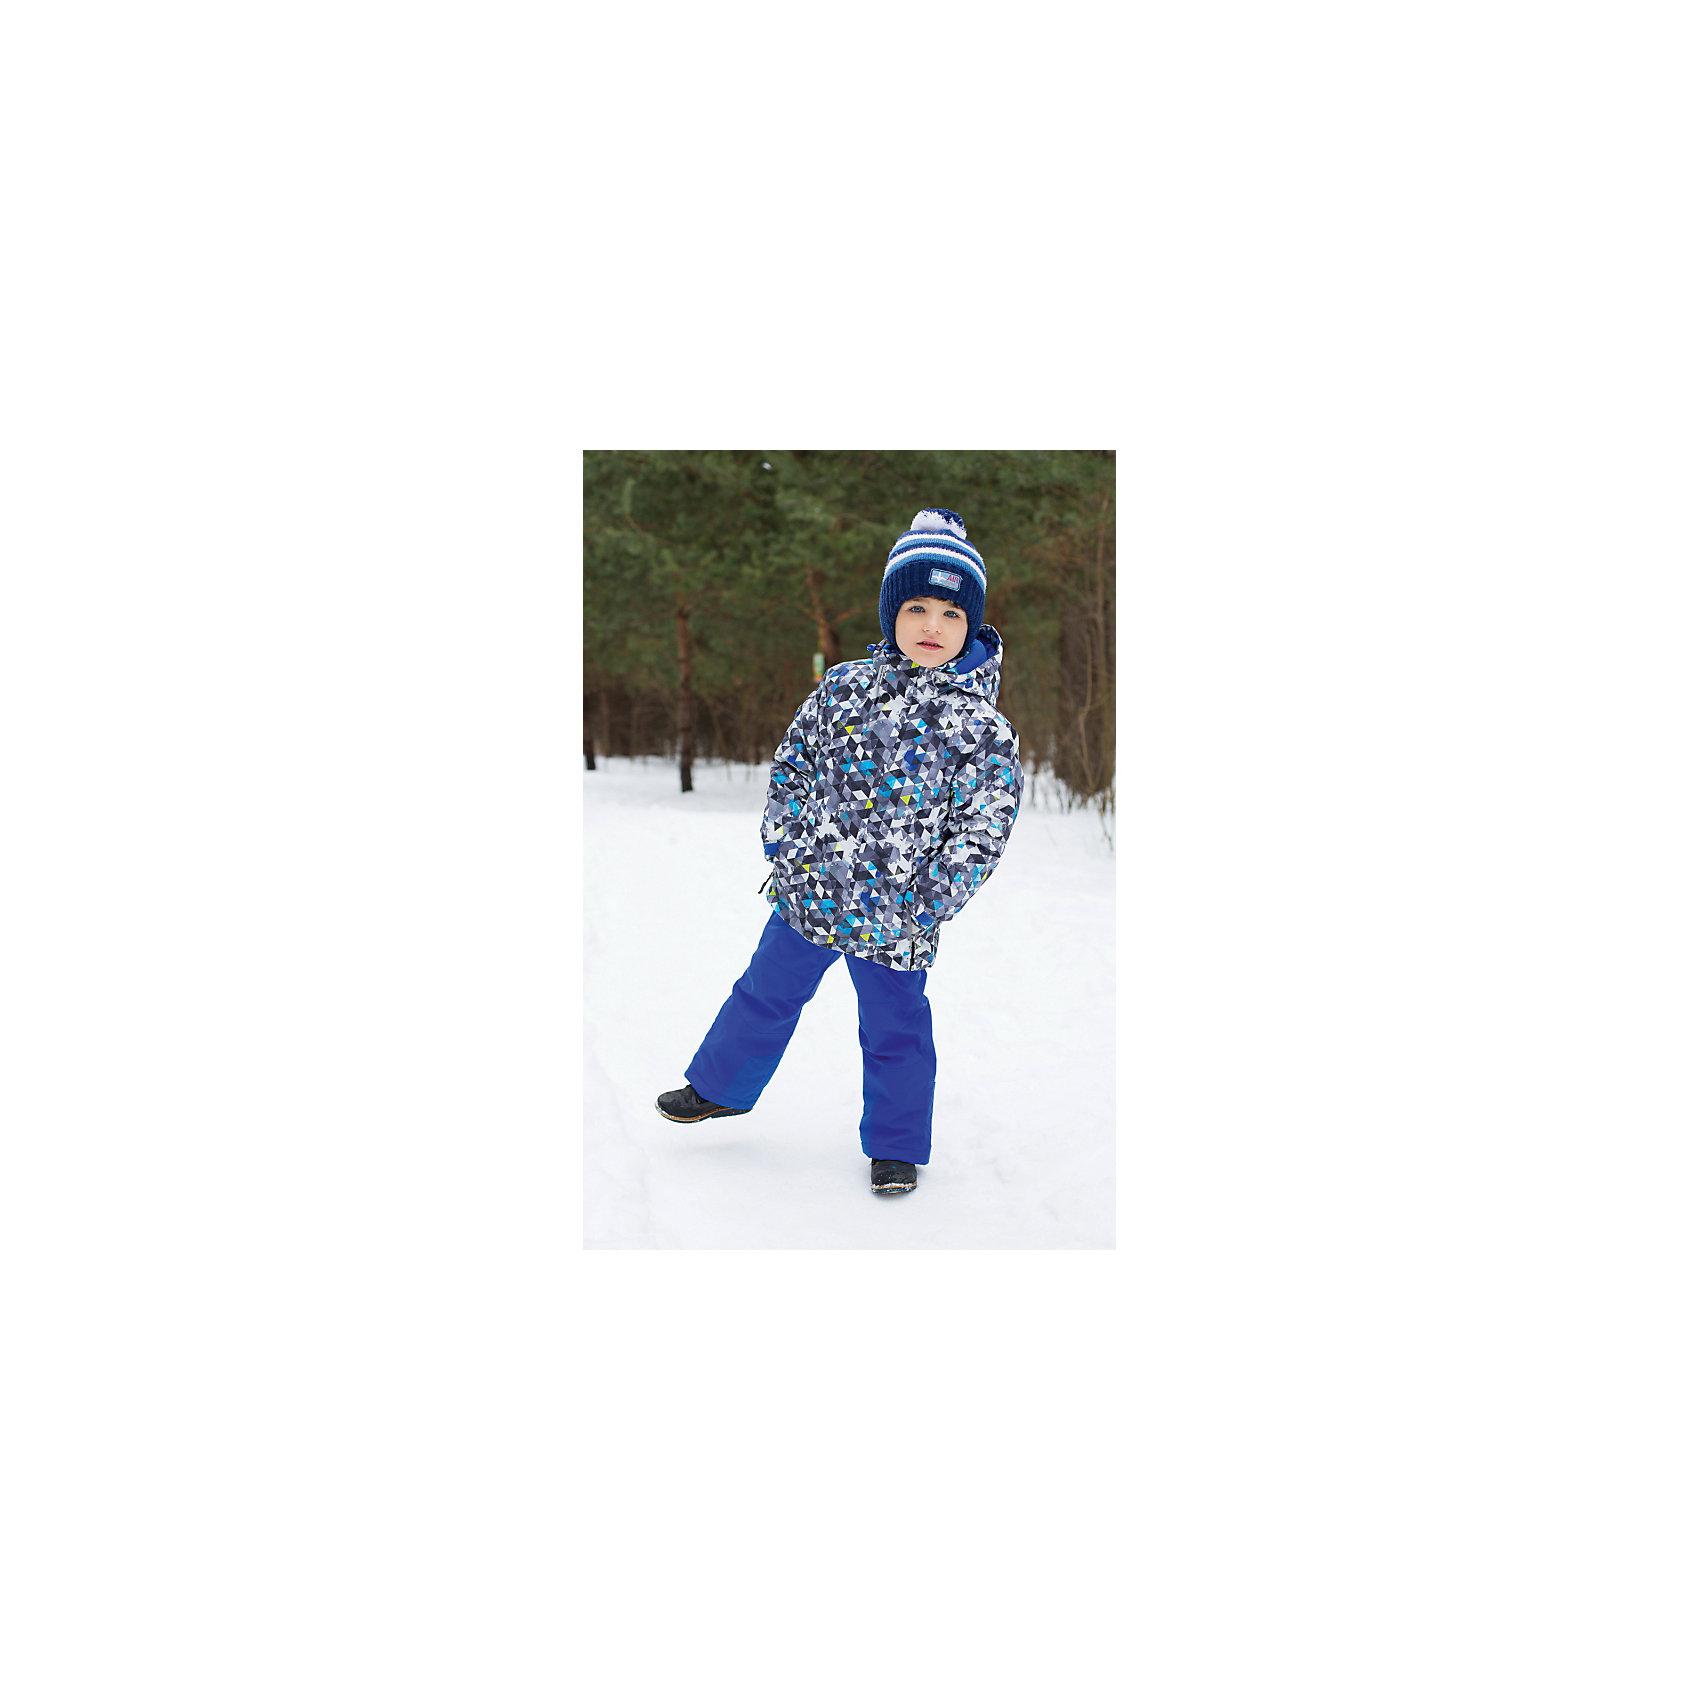 Комплект для мальчика: куртка и брюки Sweet BerryКомплект для мальчика: куртка и брюки от известного бренда Sweet Berry<br>Удобный, яркий комплект для мальчиков из  мембранной, водонепроницаемой (Waterproof - 10000мм), дышащей ( water vapor transmission rate, WVTR -10000гг) ткани с грязеотталкивающей пропиткой.Съемный капюшон на молнии регулируется резинкой со стоппером. Рукава с дополнительной манжетой с вырезом для пальца. Вставки из свето-отражающих кантов. Две ветрозащитные планки. Внутри подкладка из флиса,  внутренний карман и снегозащитная юбка. Брюки на регулируемых лямках. Внизу штанин имеются внутренние манжеты из подкладки на прорезиненной эластичной резинки.  Утеплитель 200гр.-тело, 180гр.-рукава, брюки.<br>Состав:<br>Верх: куртка: 100%полиэстер, Брюки: 100% нейлон.  Подкладка: 100%полиэстер. Наполнитель: 100%полиэстер<br><br>Ширина мм: 215<br>Глубина мм: 88<br>Высота мм: 191<br>Вес г: 336<br>Цвет: черный<br>Возраст от месяцев: 48<br>Возраст до месяцев: 60<br>Пол: Мужской<br>Возраст: Детский<br>Размер: 110,104,98,92,134,128,122,116<br>SKU: 4960130